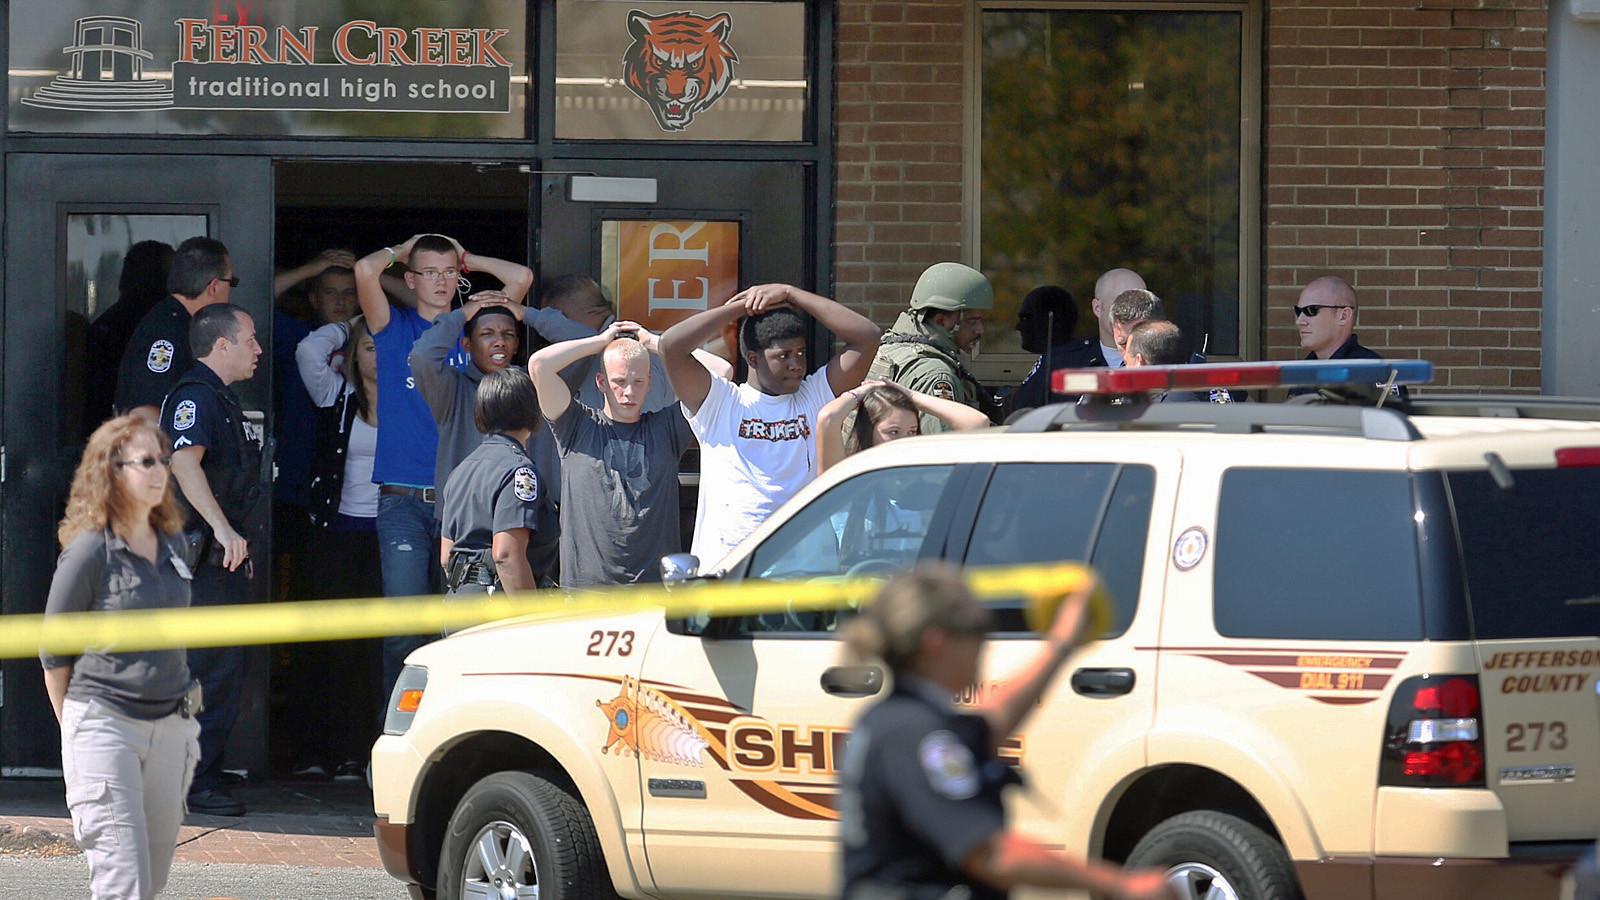 In Kentucky, student injured following shooting; gunman flees